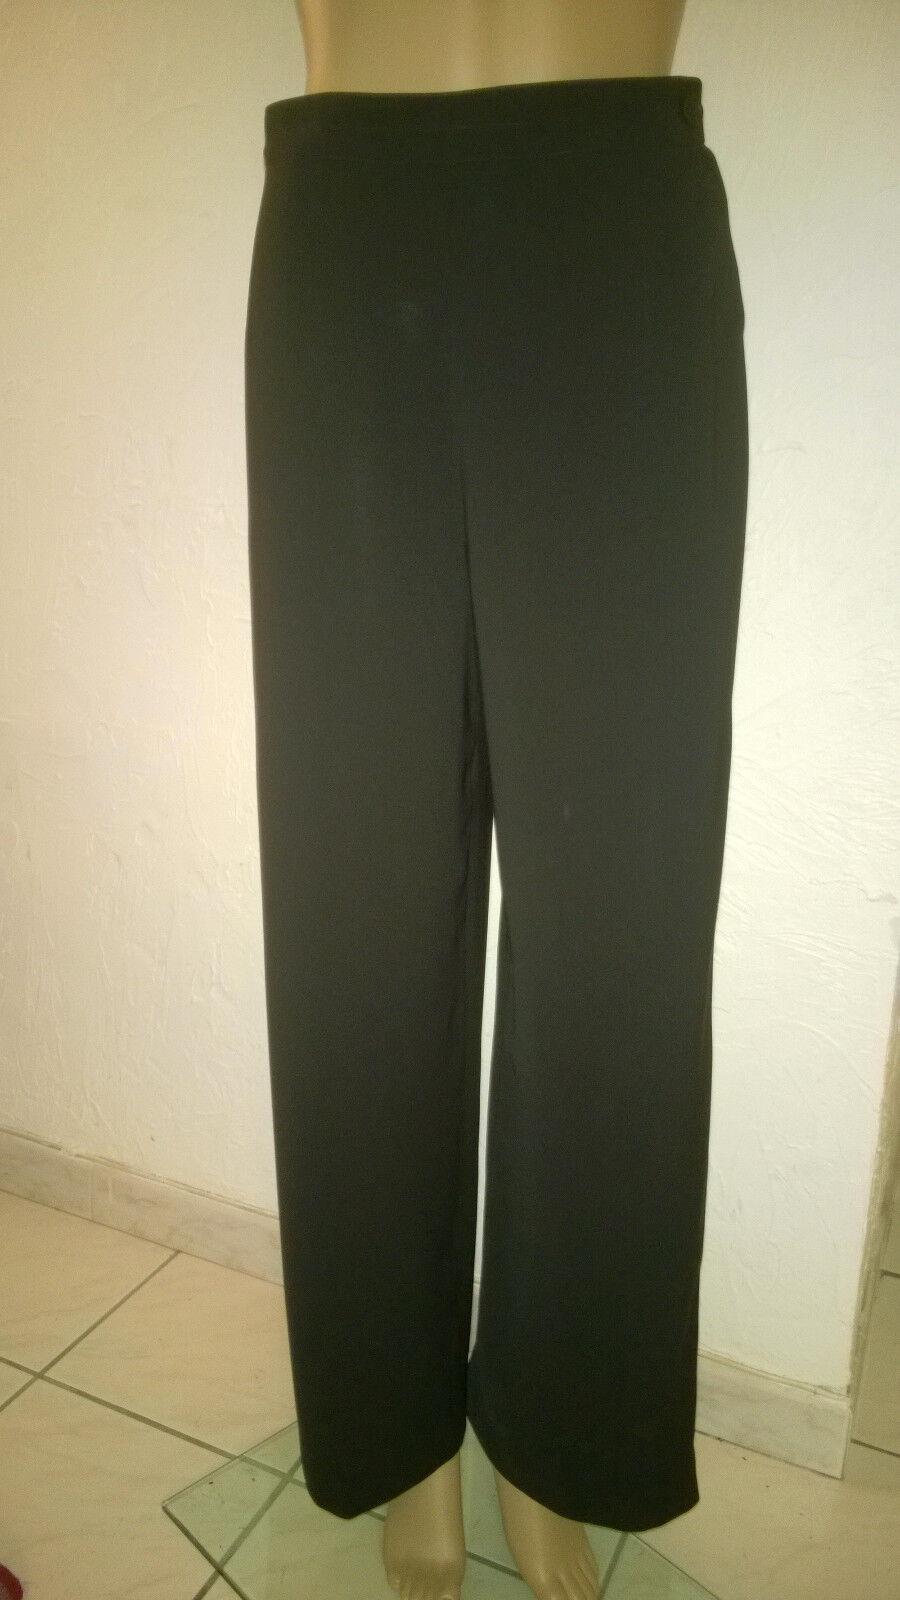 Hermès Superbe et authentique pantalon nero - Etat neuf